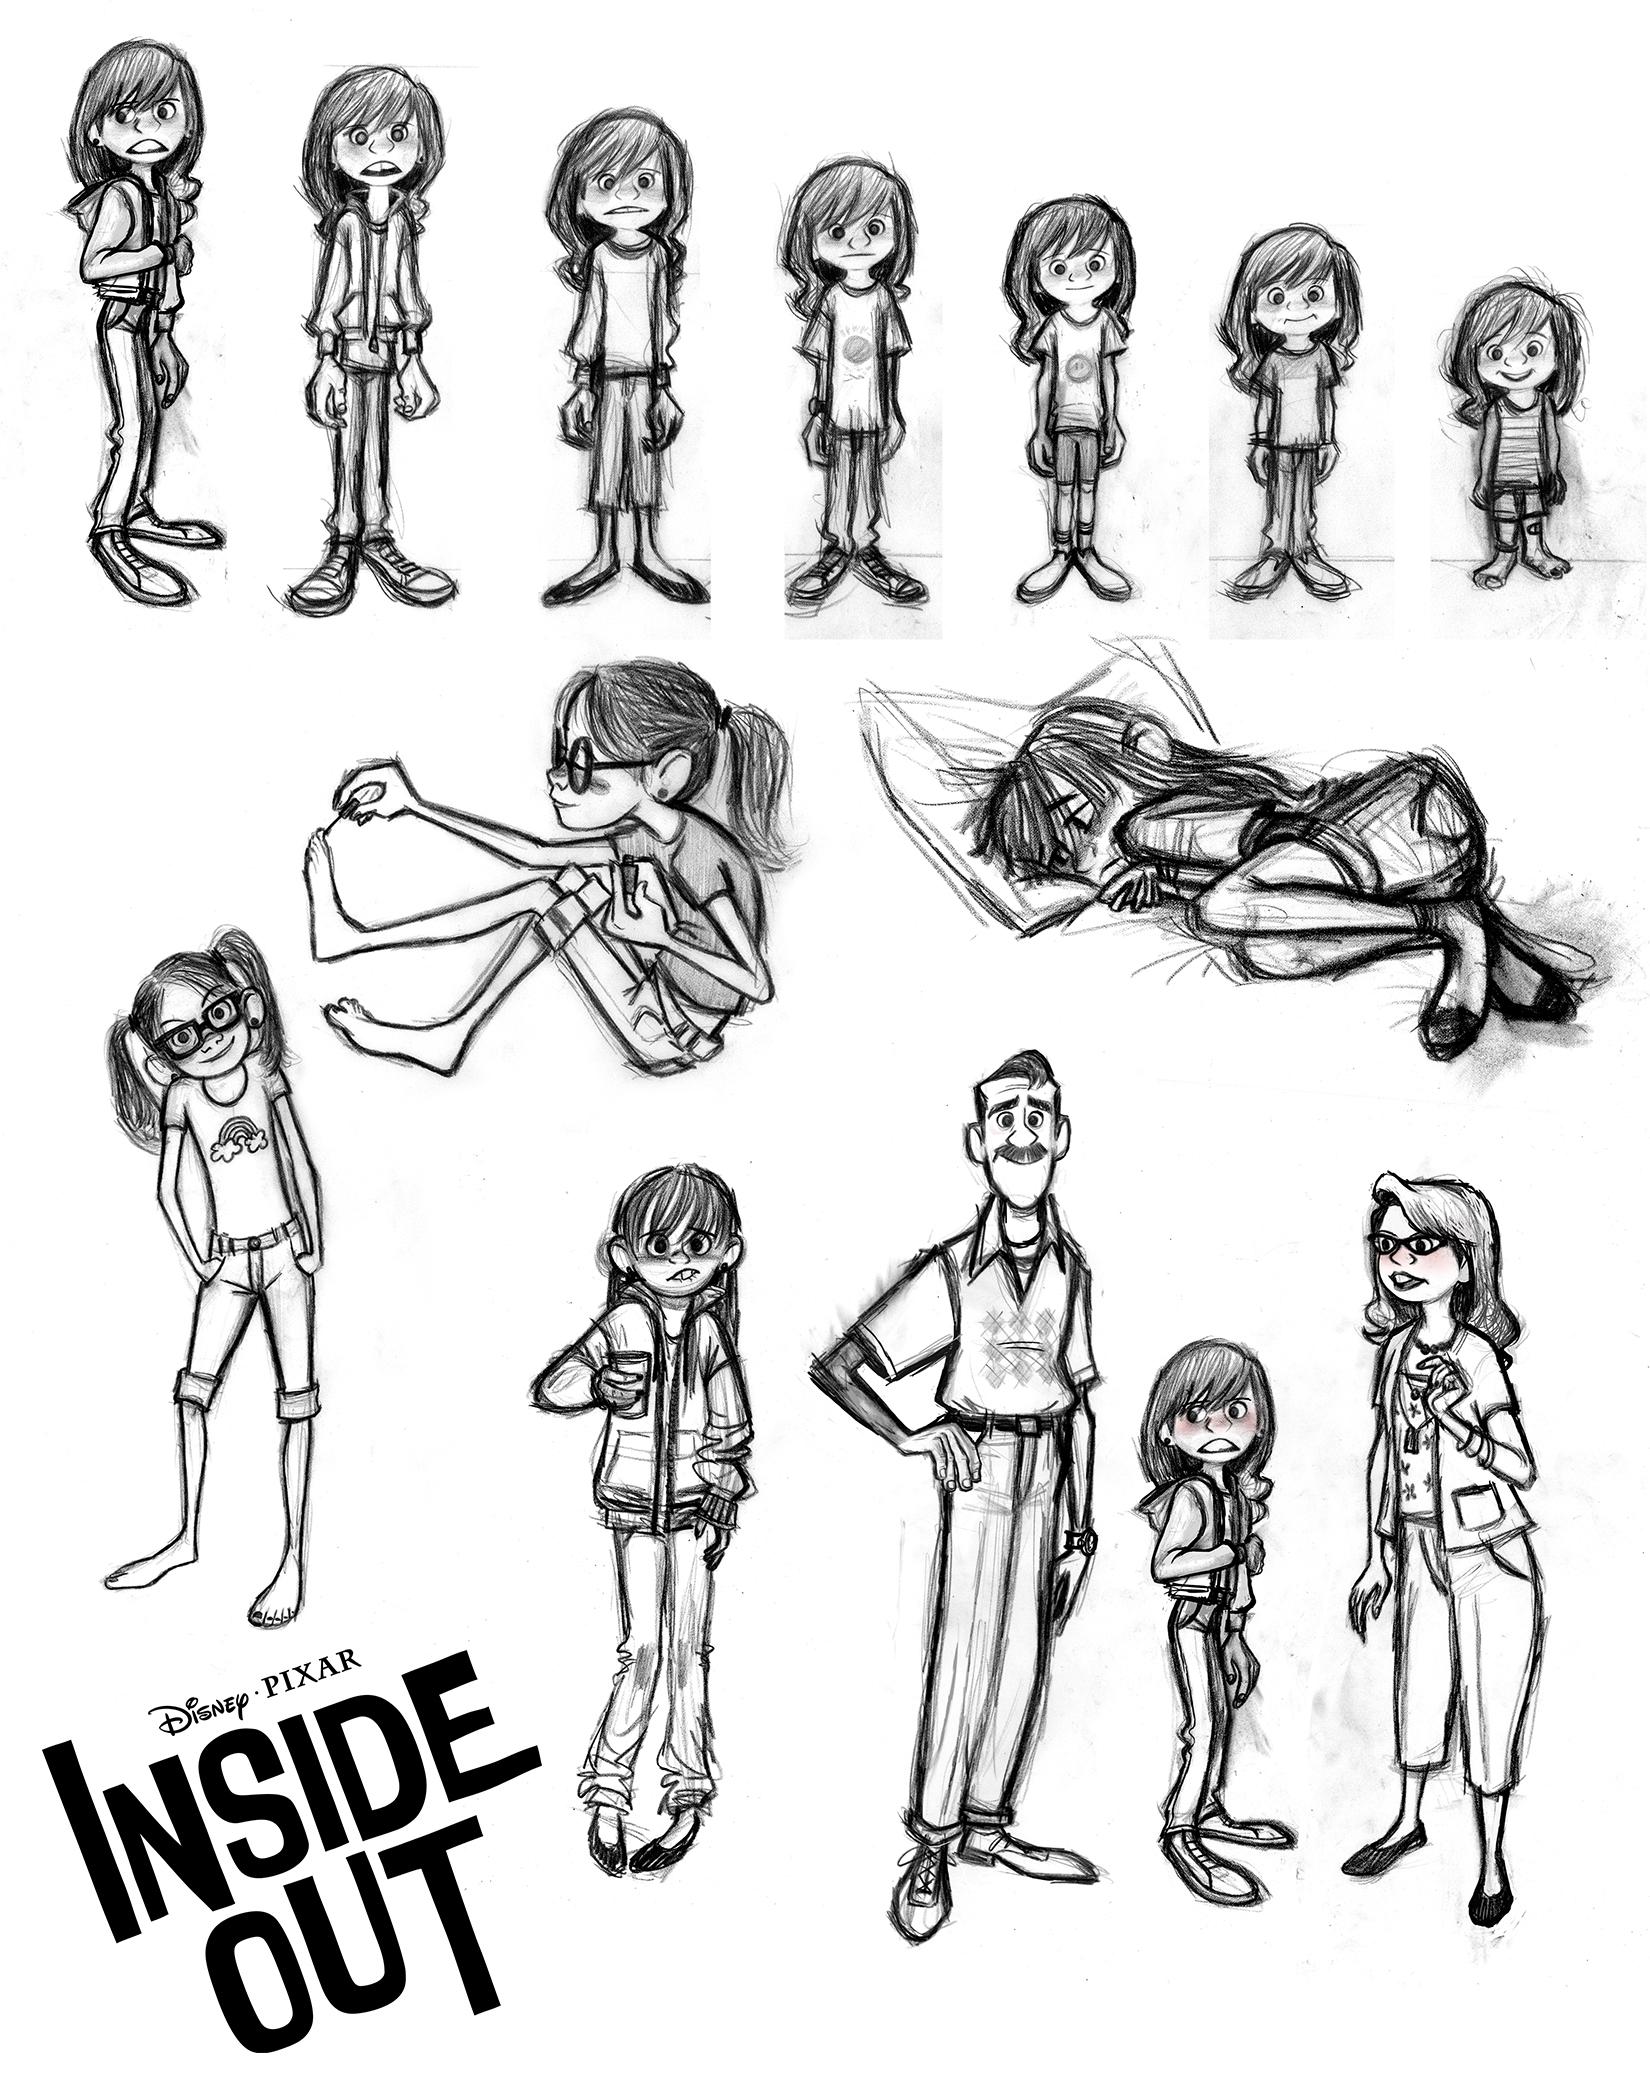 InsideOut03.jpg